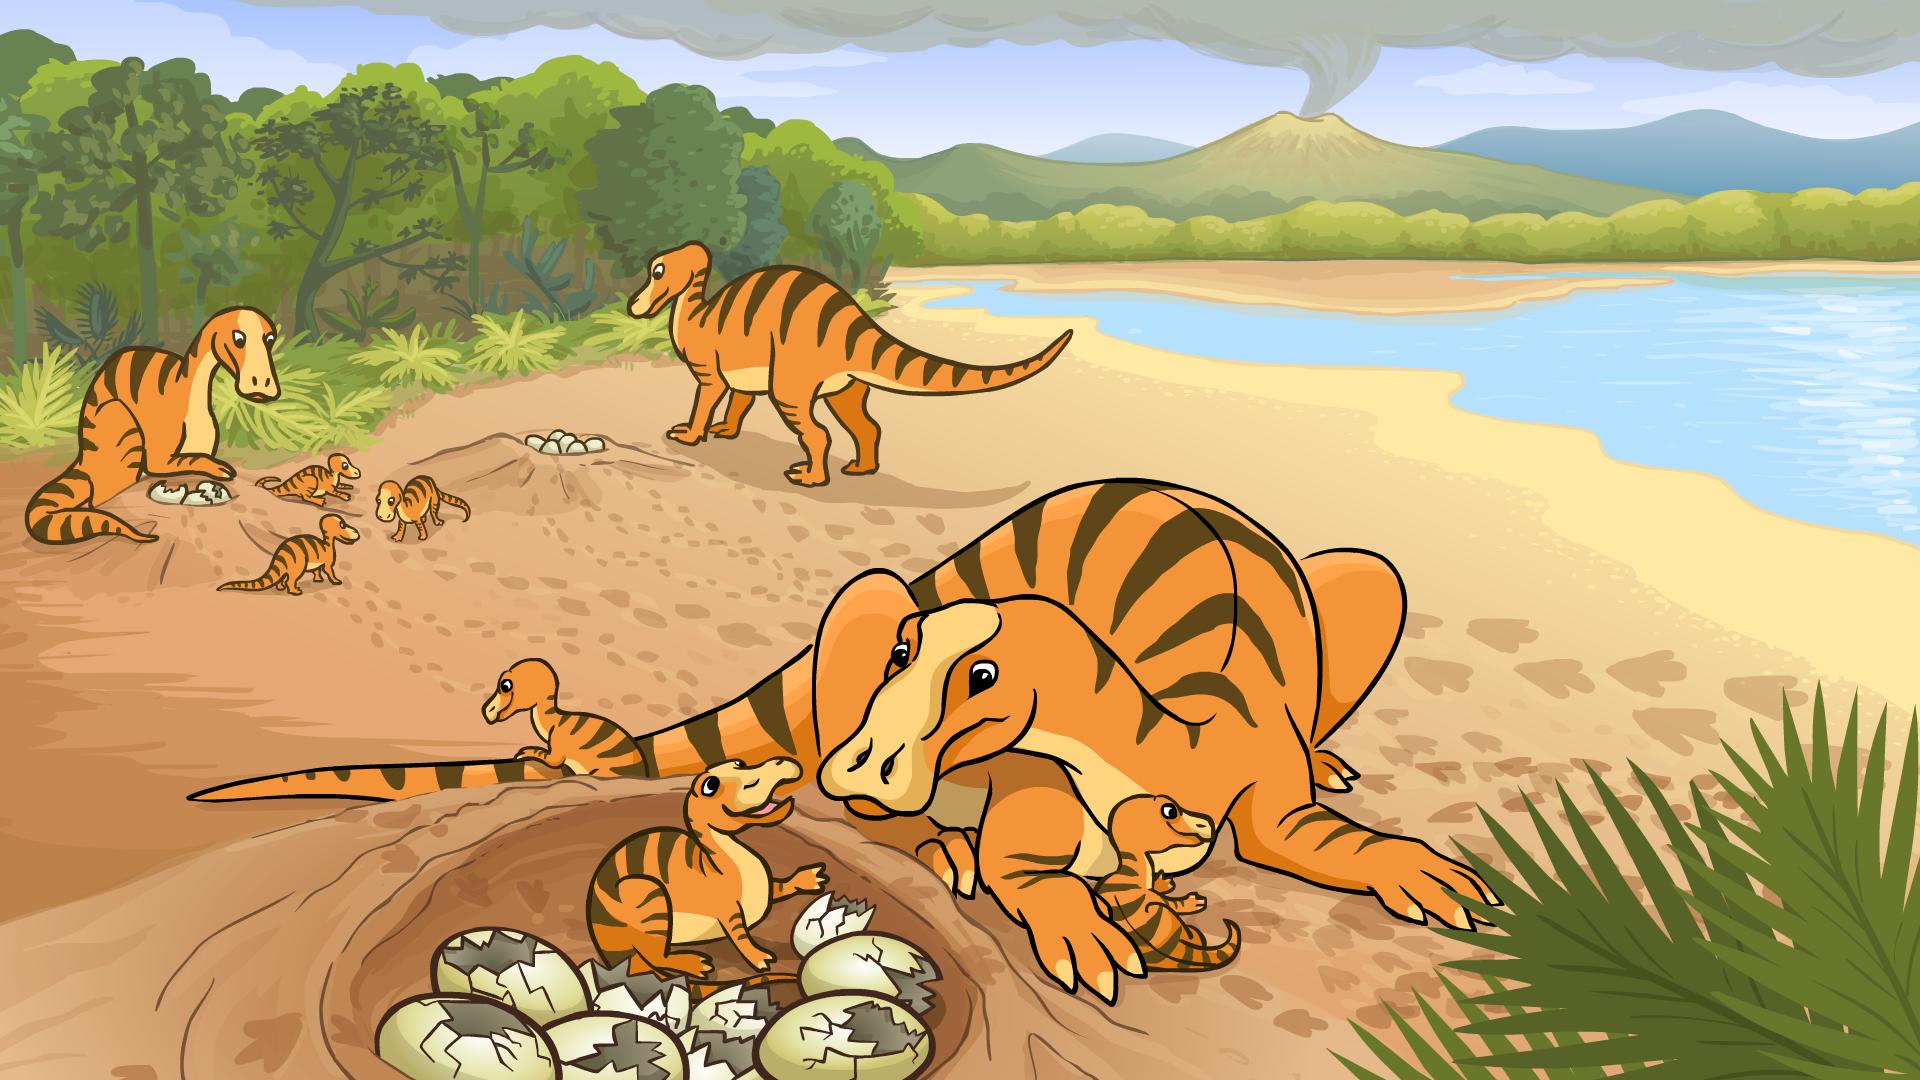 DMNS_Dinos_Scene5_Illustration.png